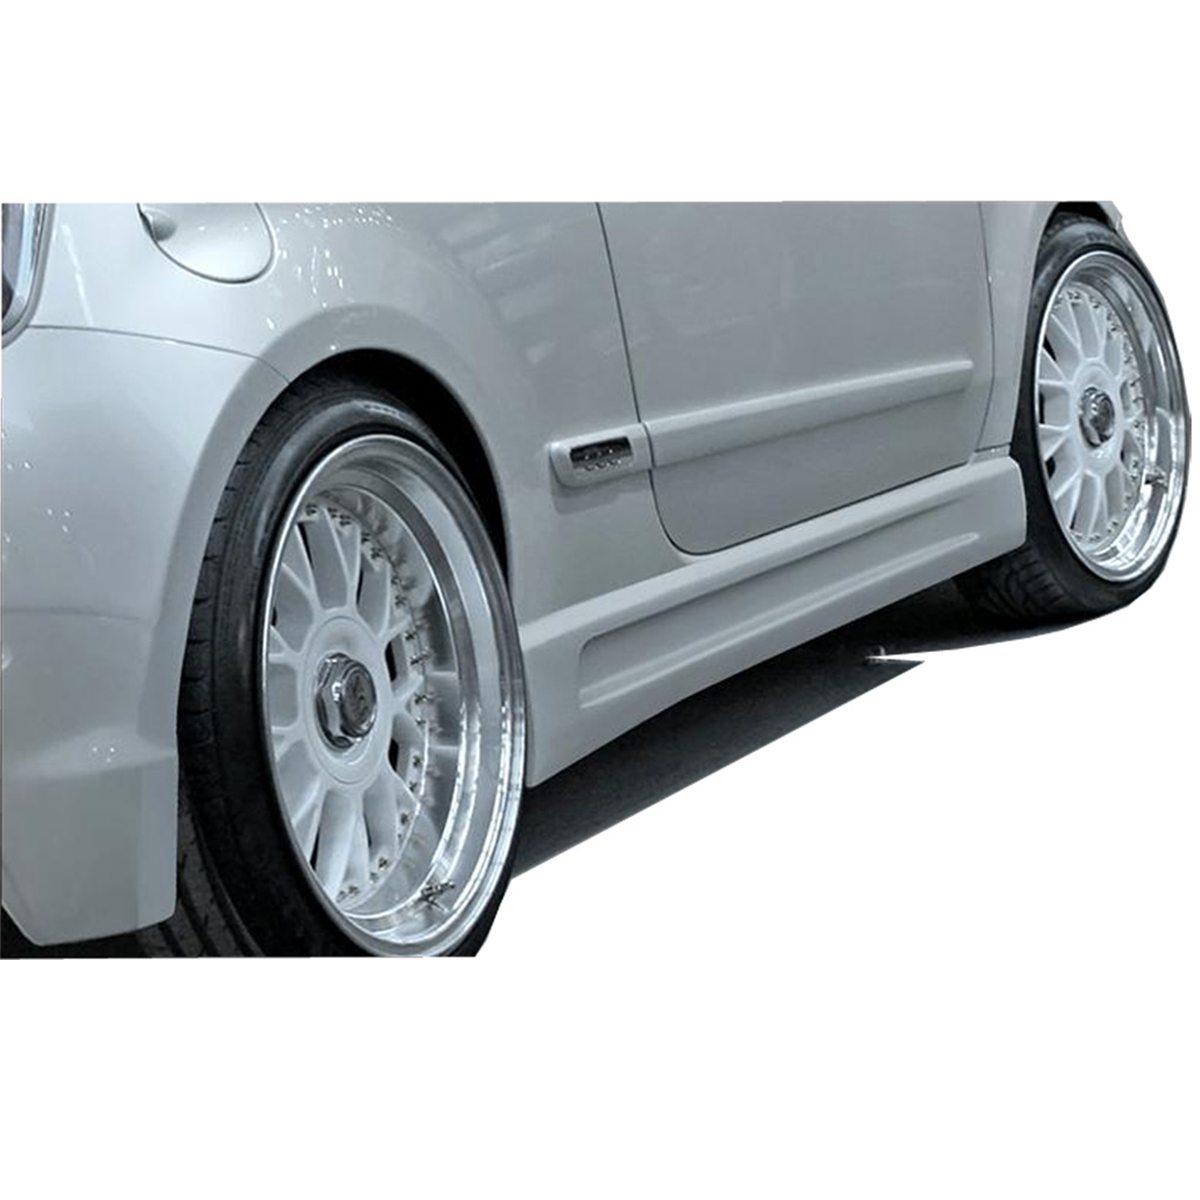 Fiat-500-Perfezione-emb-EBS026-1